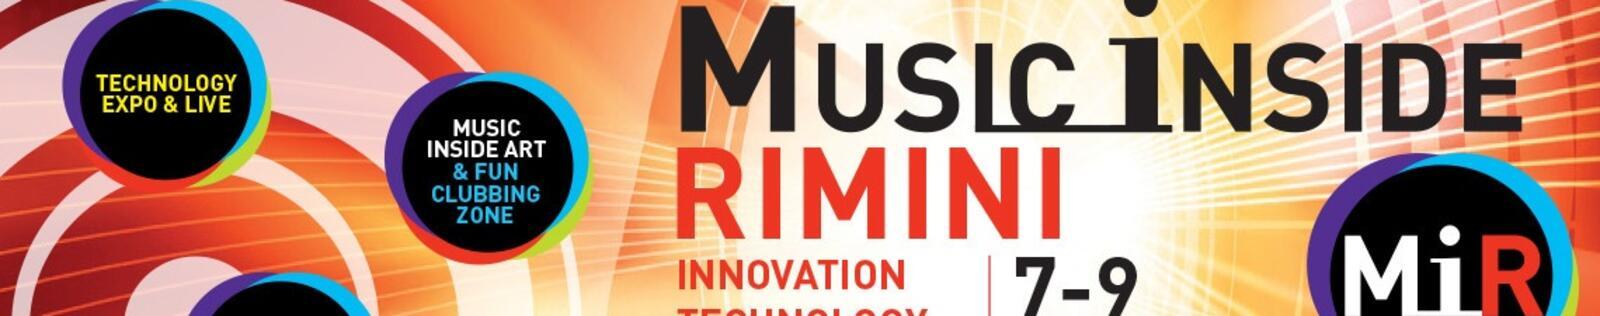 MIR, Music Inside Rimini a Rimini Fiera con soggiorno in B&B